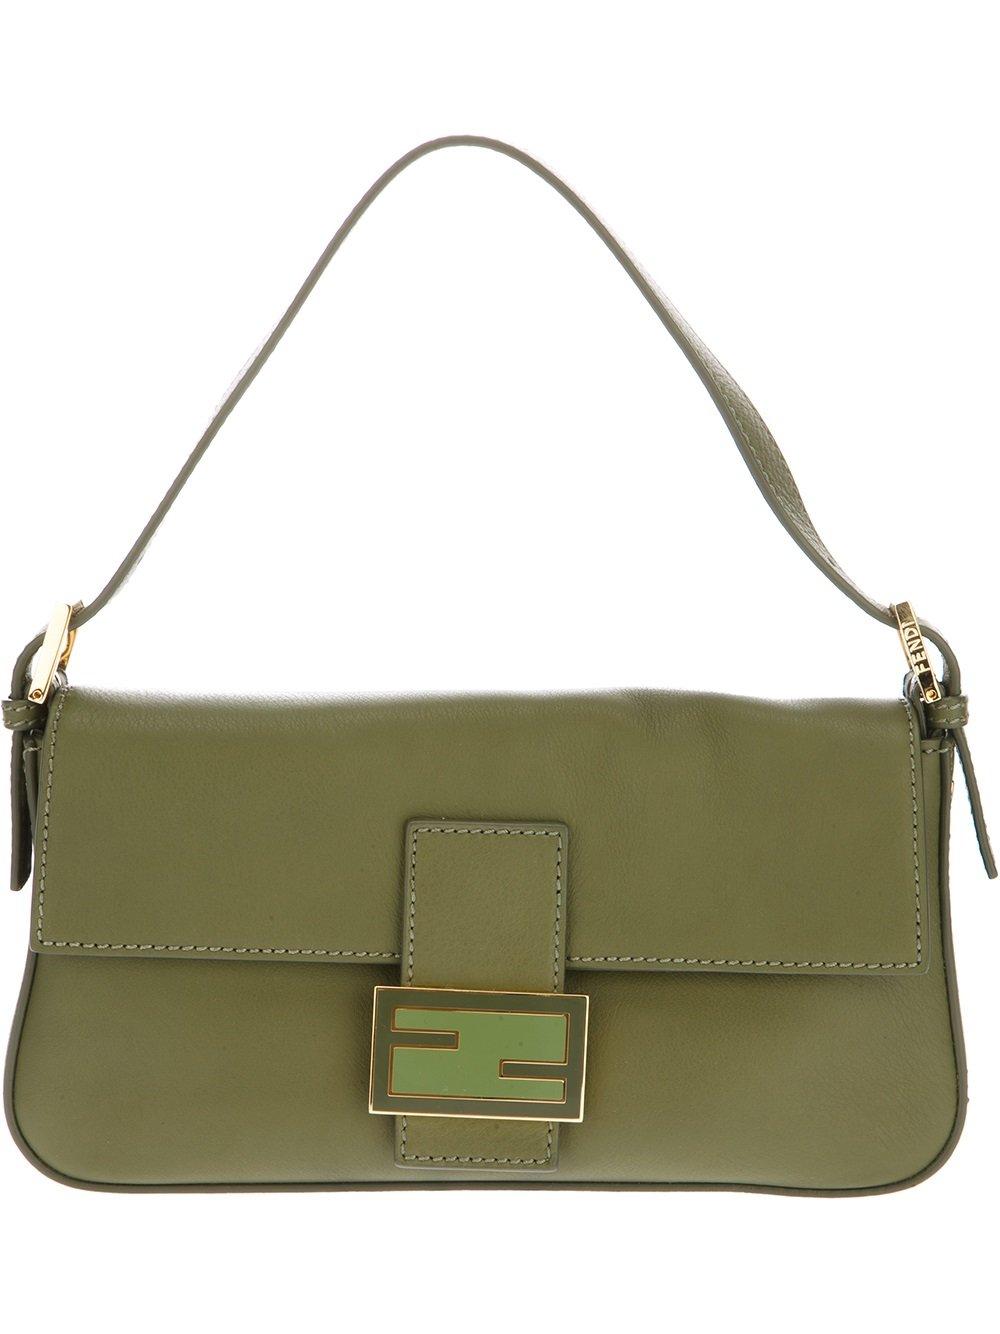 Fendi Baguette Shoulder Bag in Green